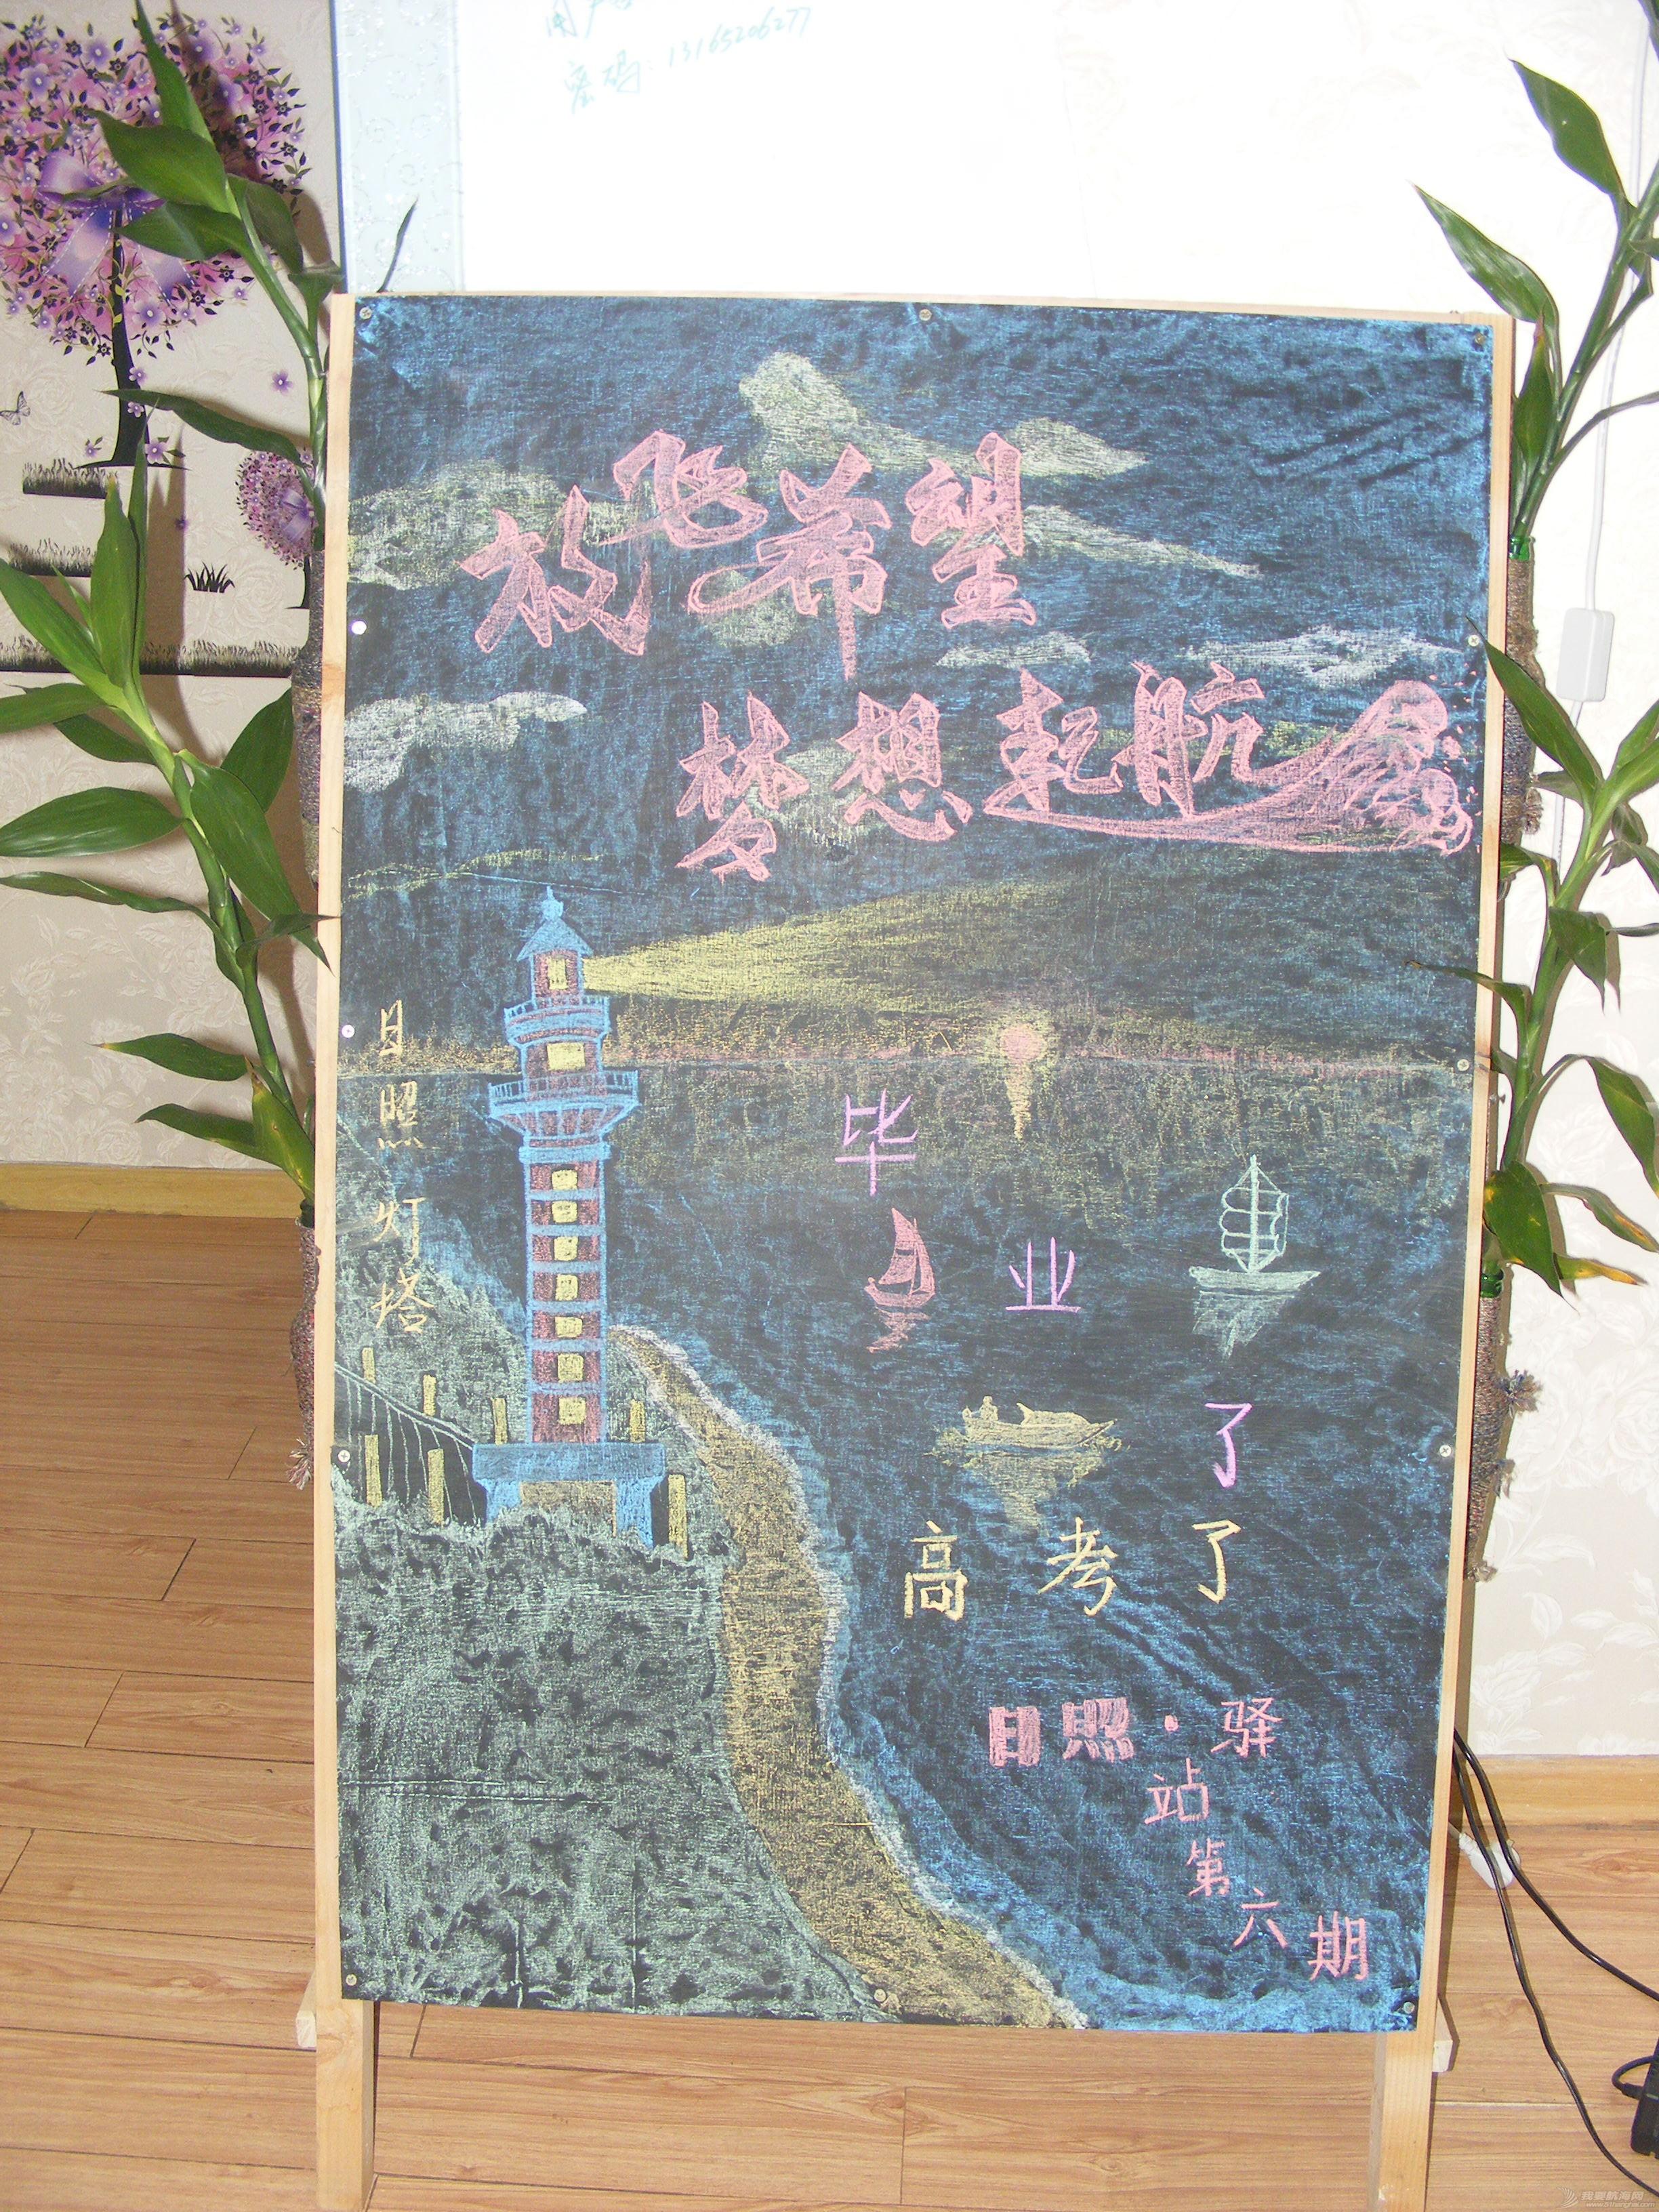 日照,东方太阳城,青年旅舍,金沙滩,artist 杨帆日照公益航海,让梦想起航 放飞希望梦想起航